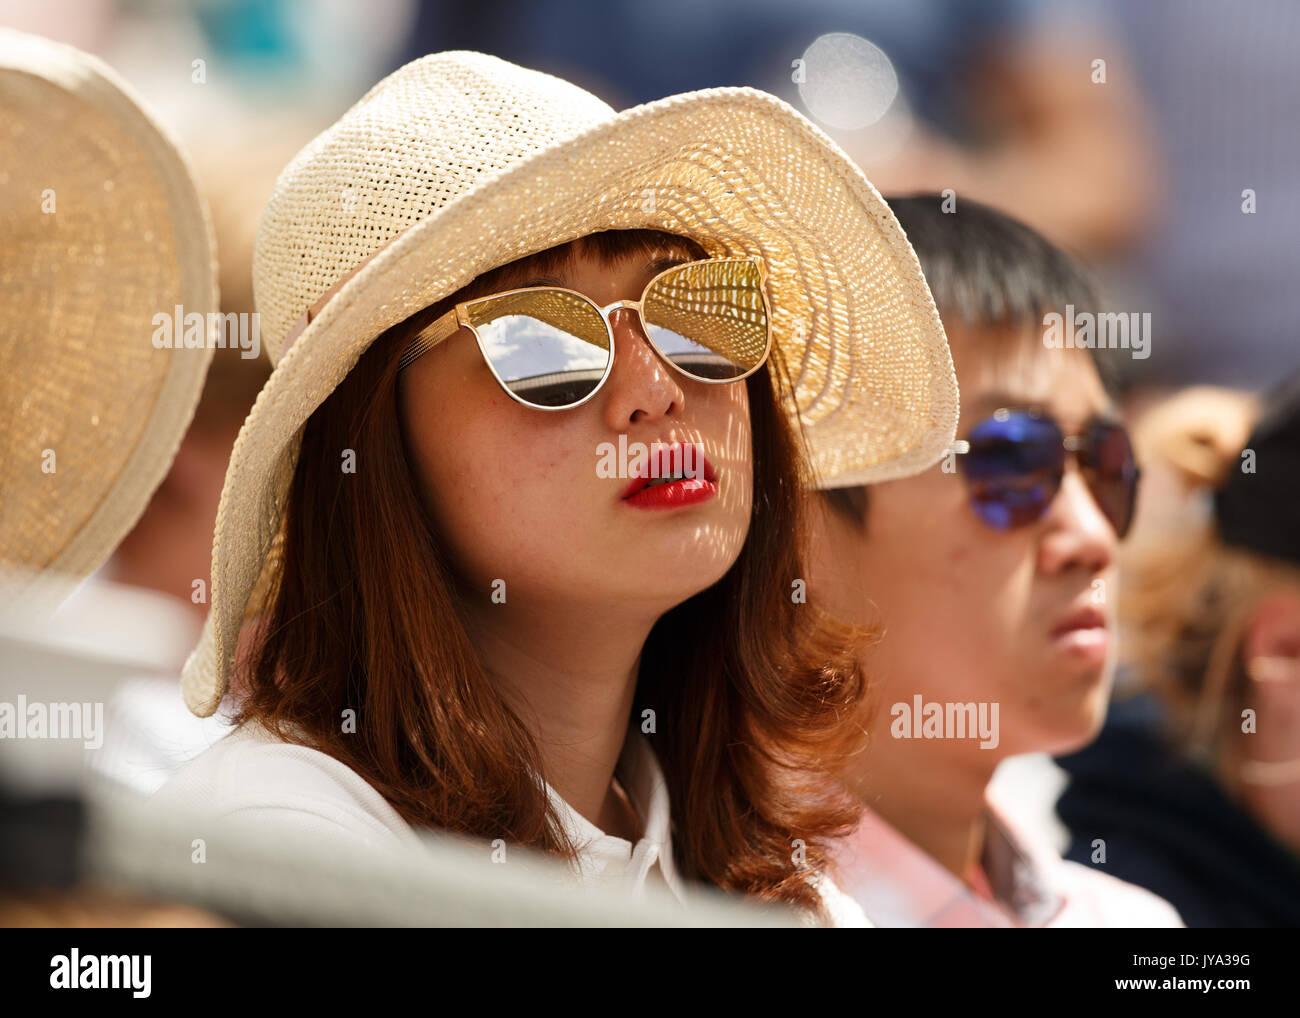 Weibliche asiatische Tennis Zuschauer mit Sonnenbrille bei Wimbledon Championships 2017, London, England, Vereinigtes Königreich. Stockbild